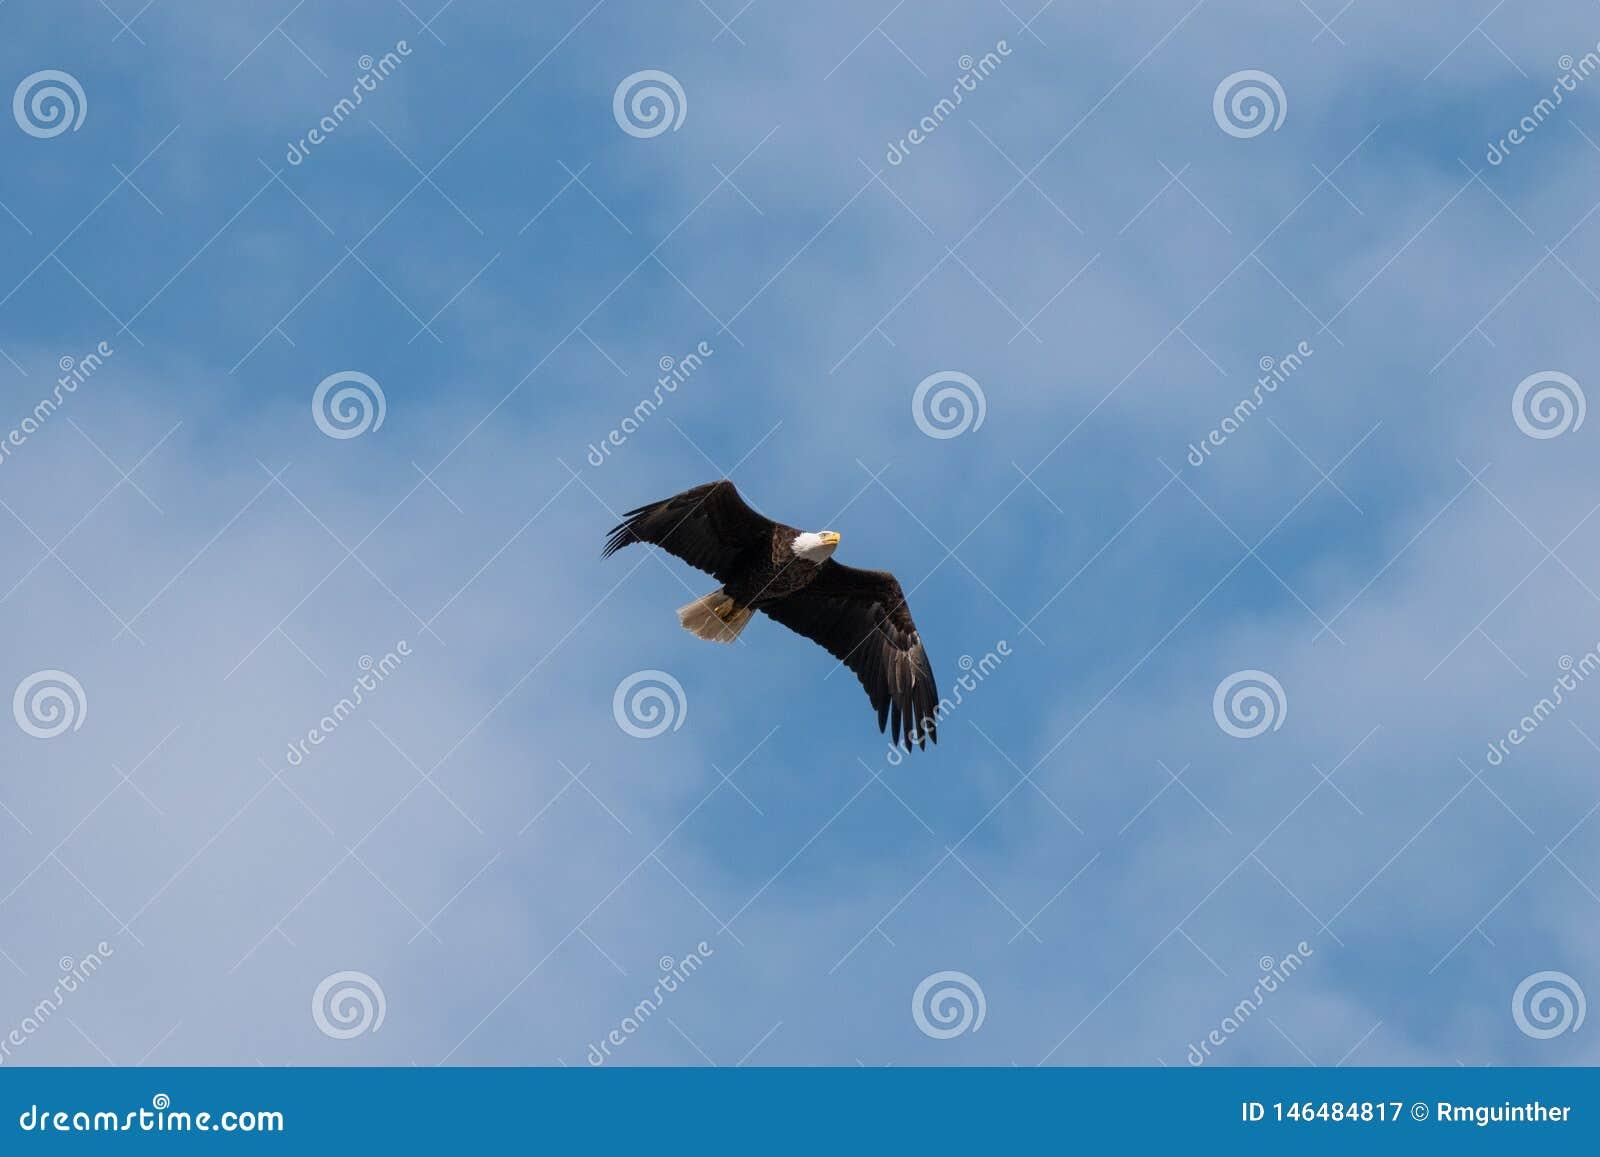 寻找食物的一次白头鹰飞行